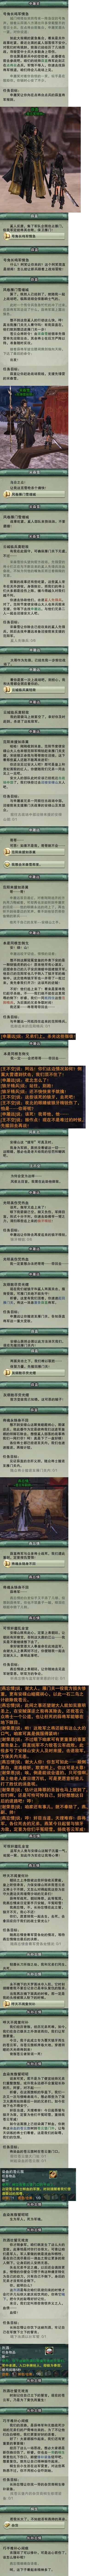 主线任务02 - 苍云旧事.jpg